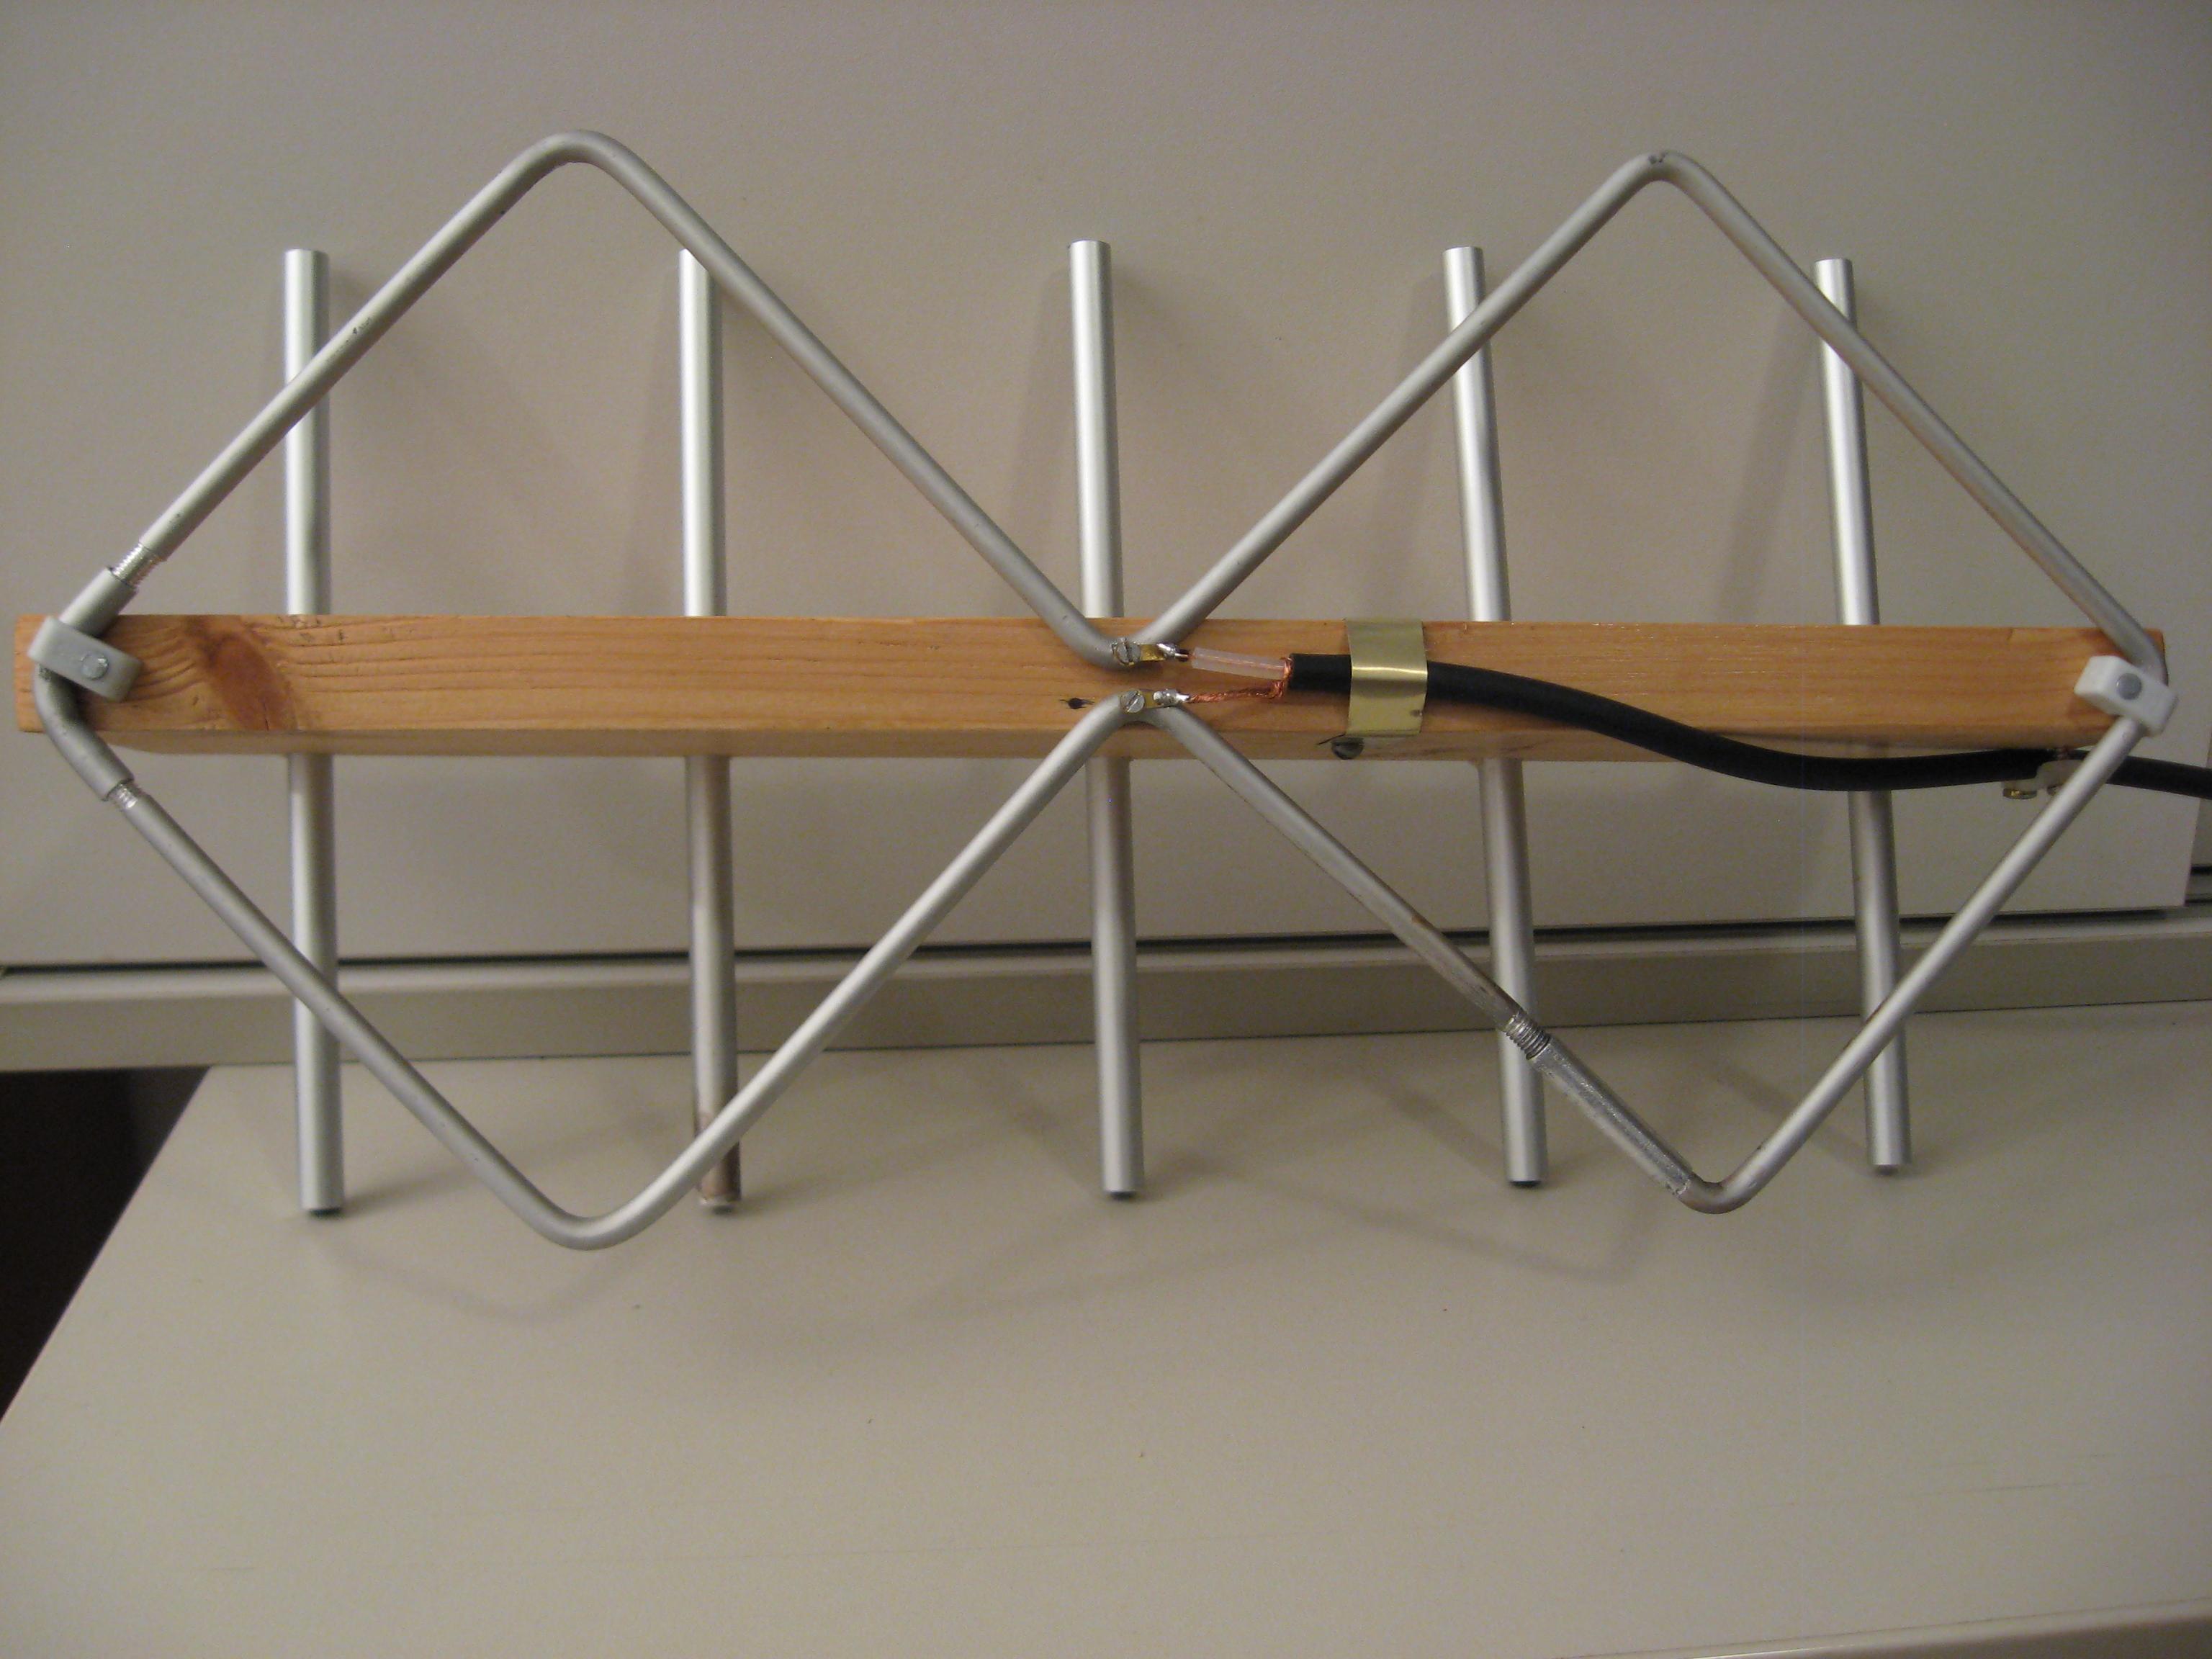 doppelquad antenne f r dvbt empfang. Black Bedroom Furniture Sets. Home Design Ideas